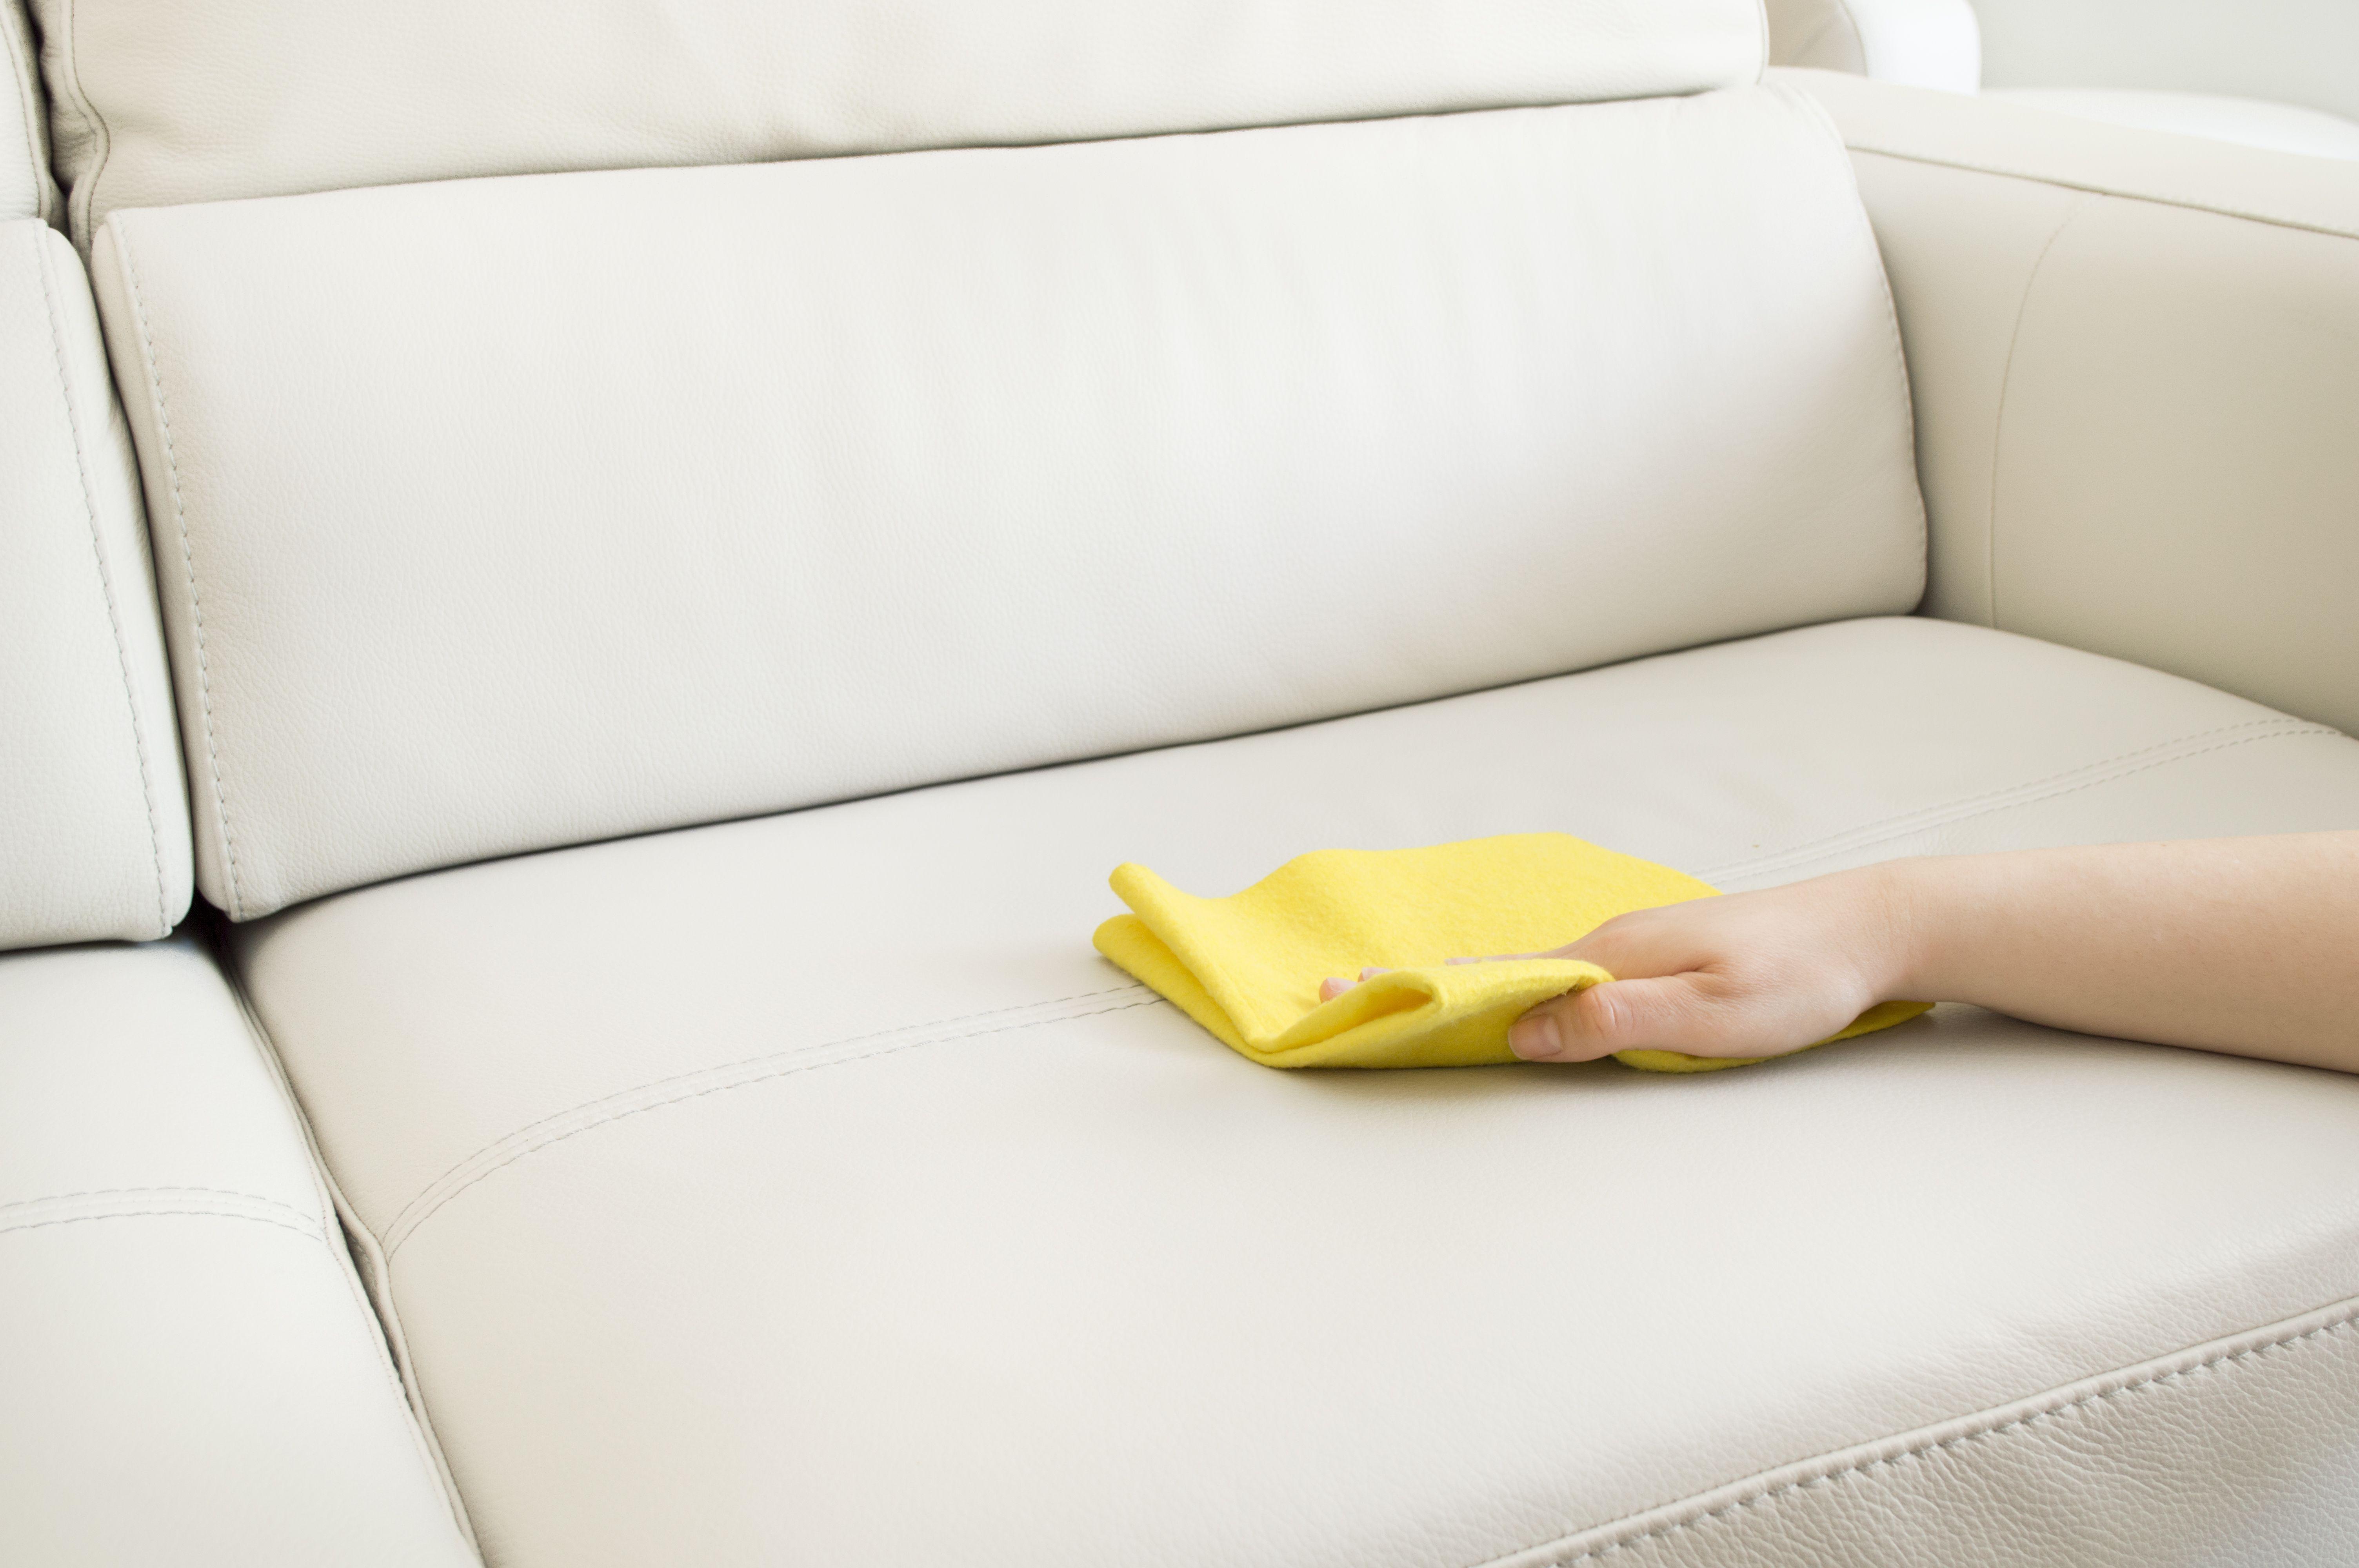 Foto 23 de Empresas de limpieza en Madrid | Carlimp